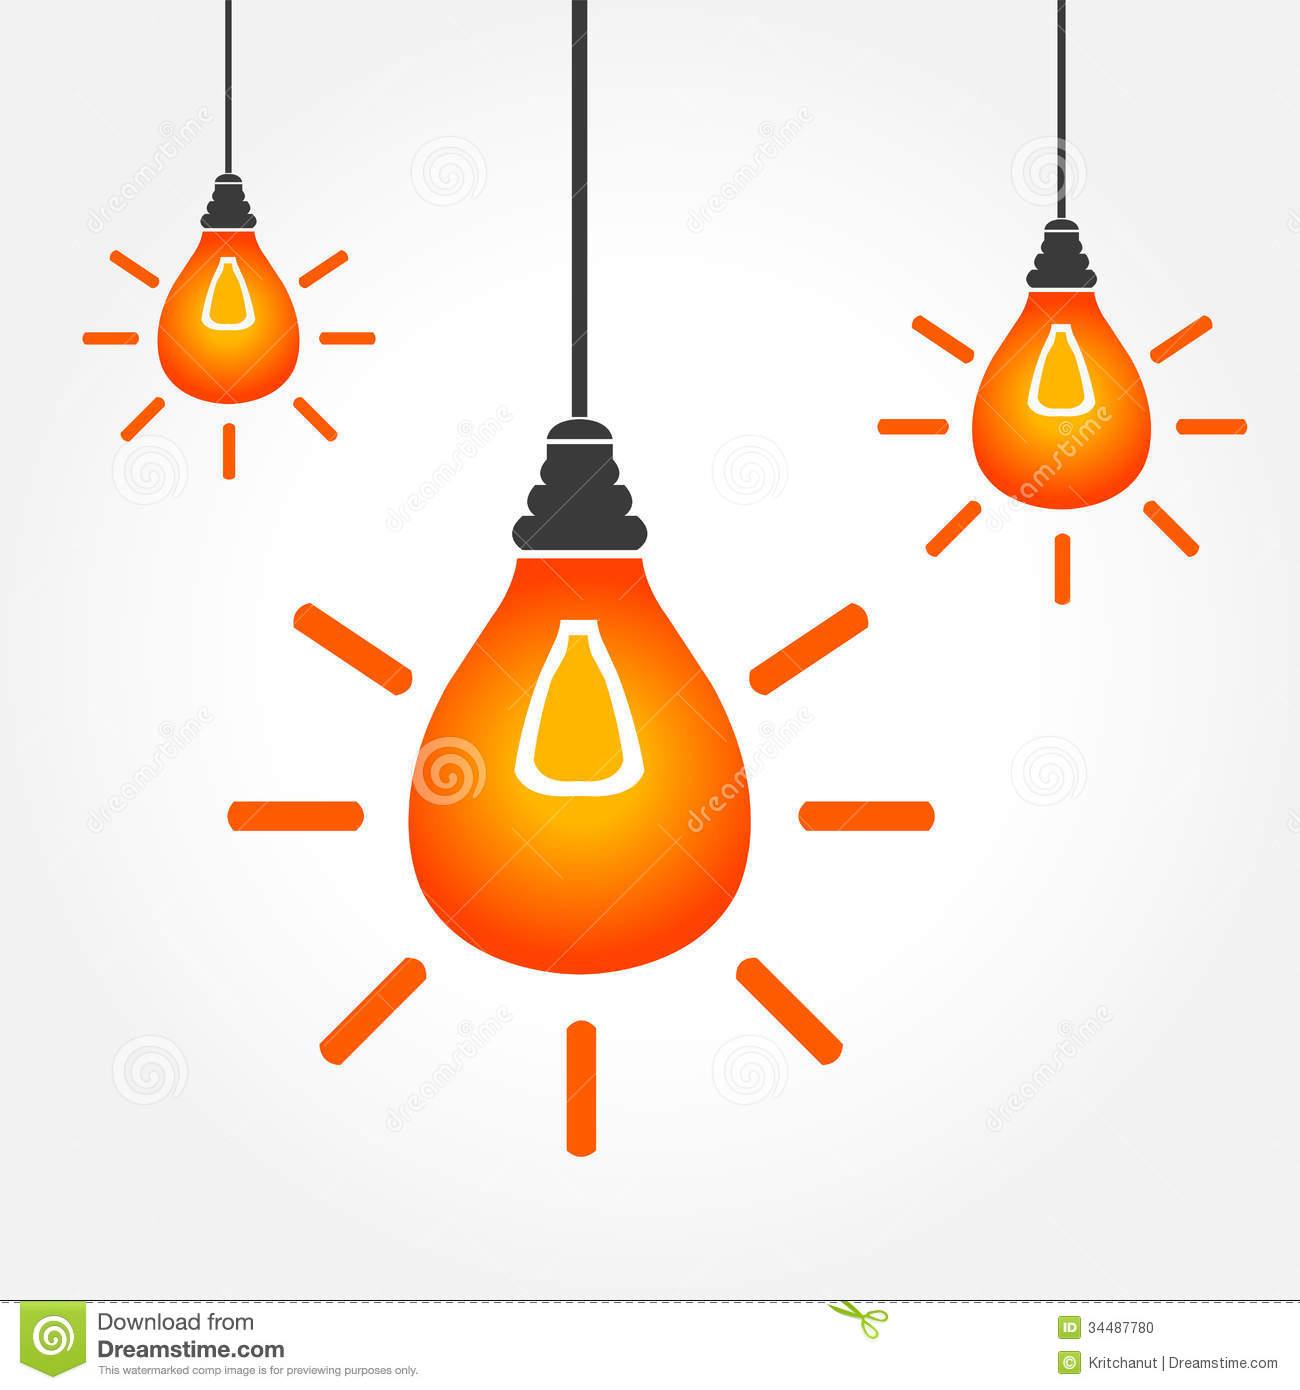 Hanging light bulbs clipart.